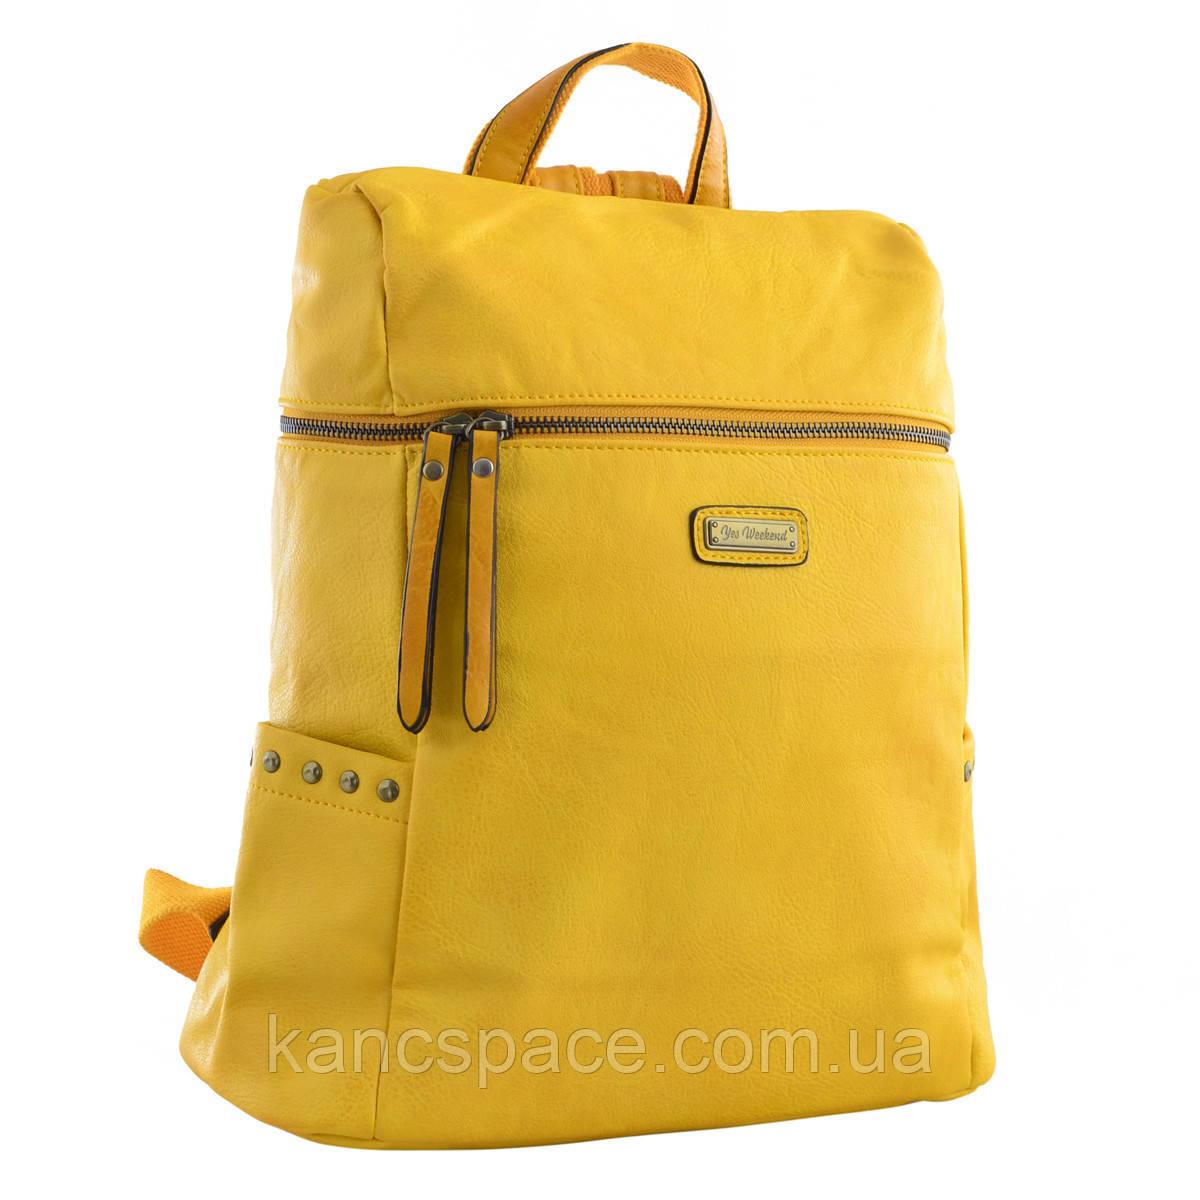 Рюкзак молодіжний  YW-23, 32*34.5*14, жовтий